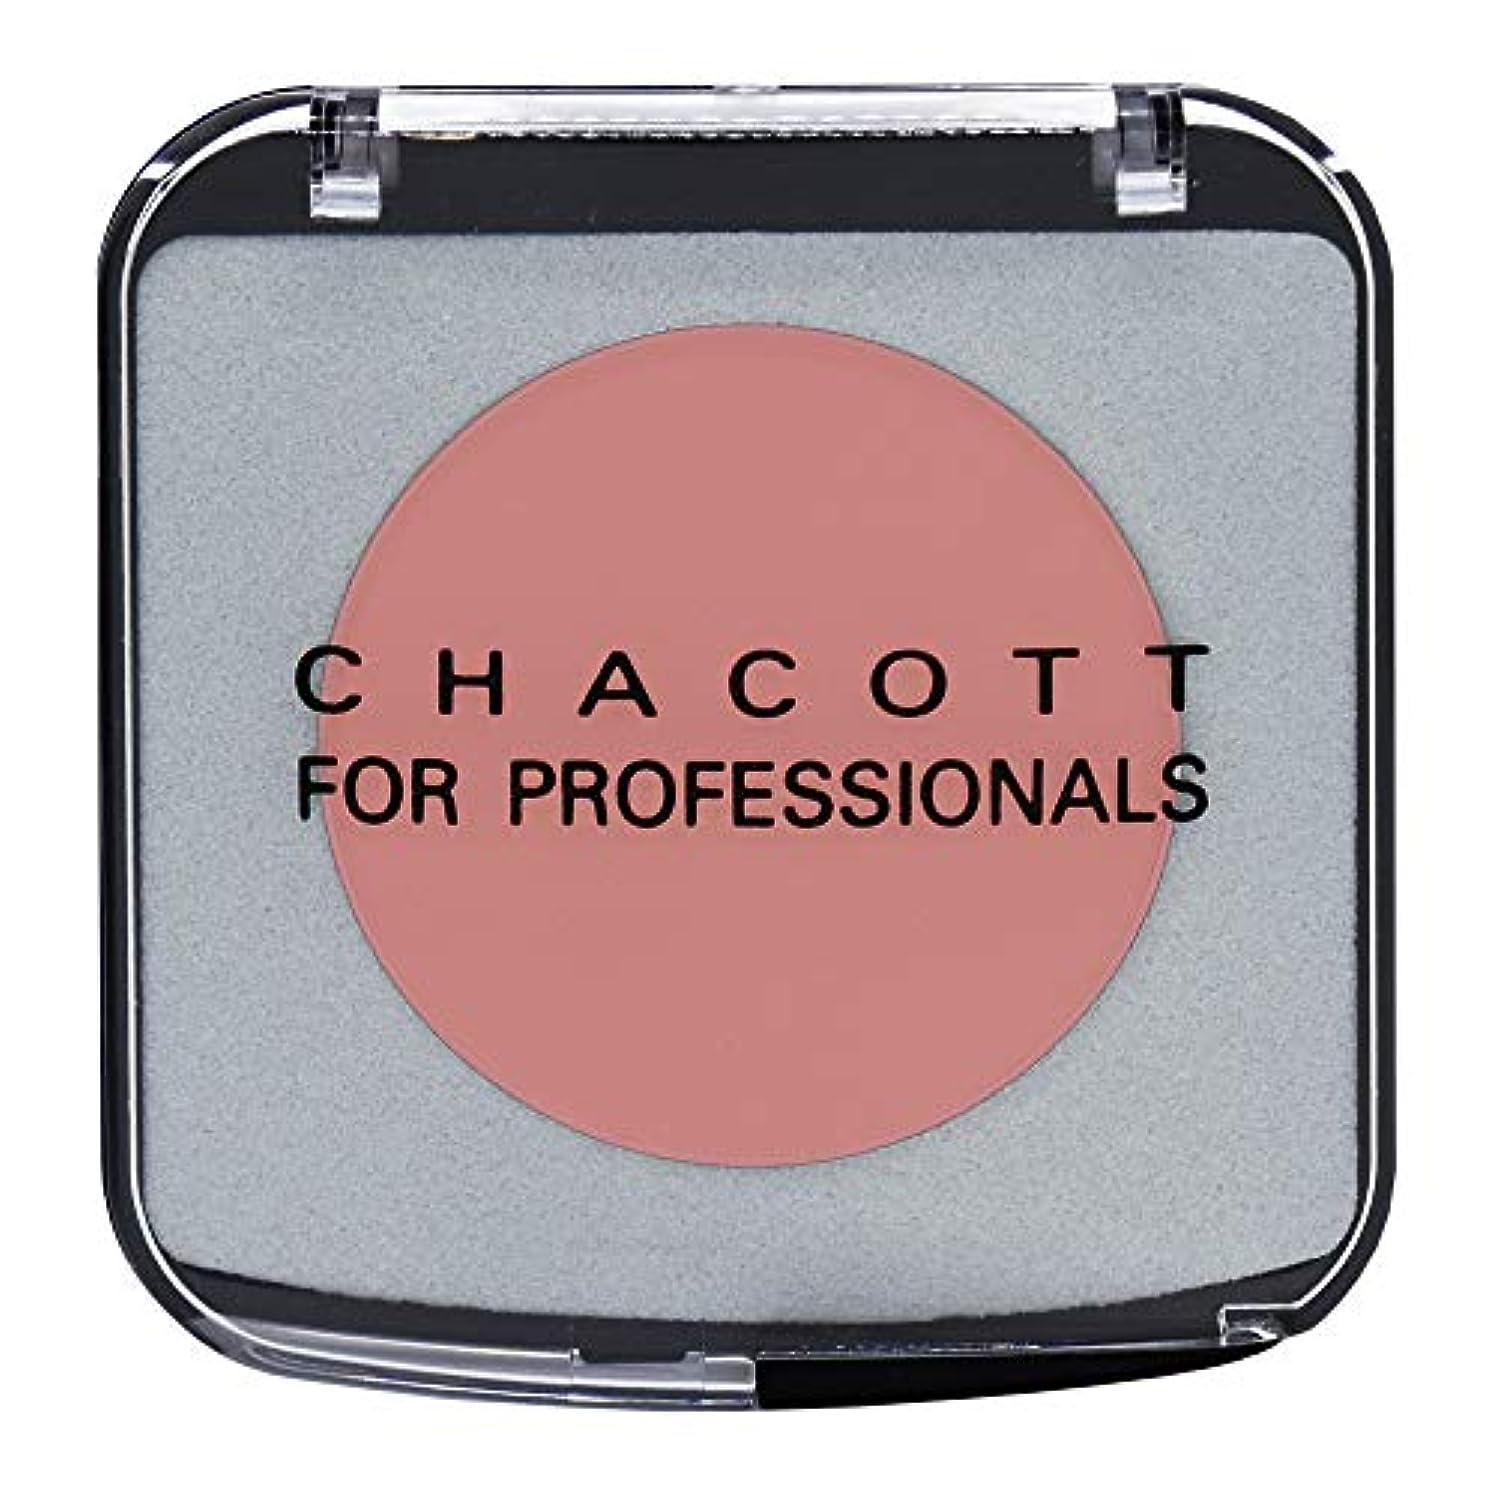 専門用語手荷物ハンカチCHACOTT<チャコット> カラーバリエーション 617.テラコッタ